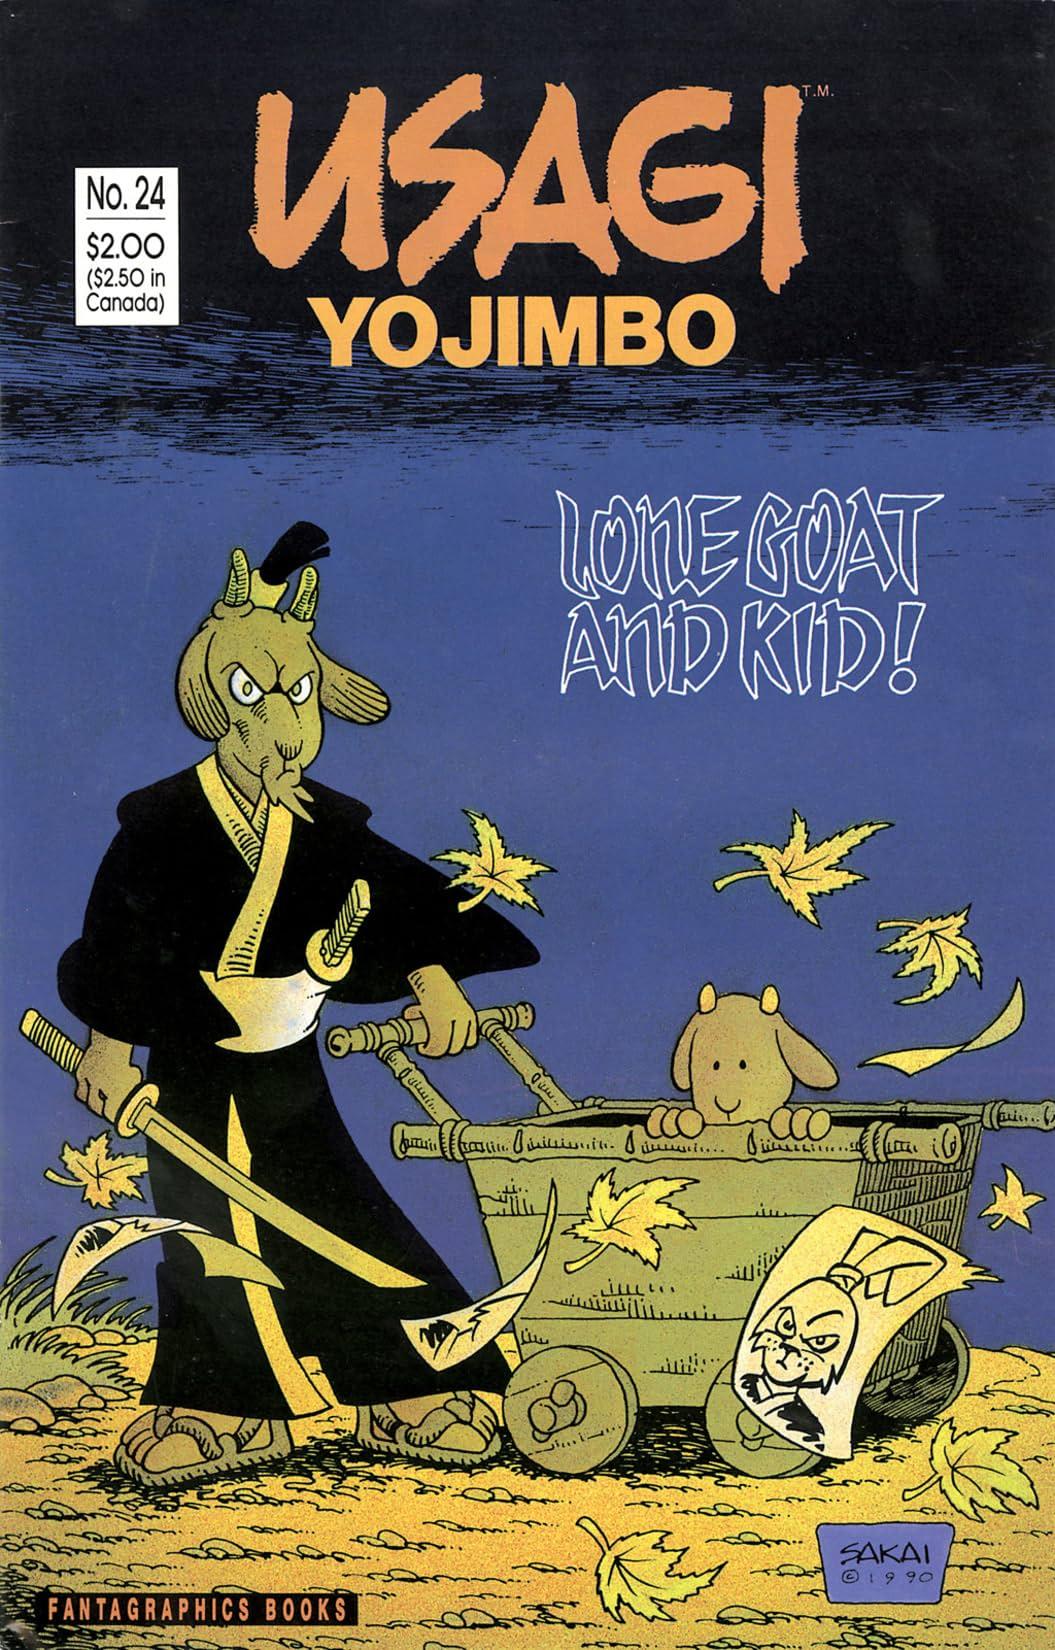 Usagi Yojimbo Vol. 1 #24